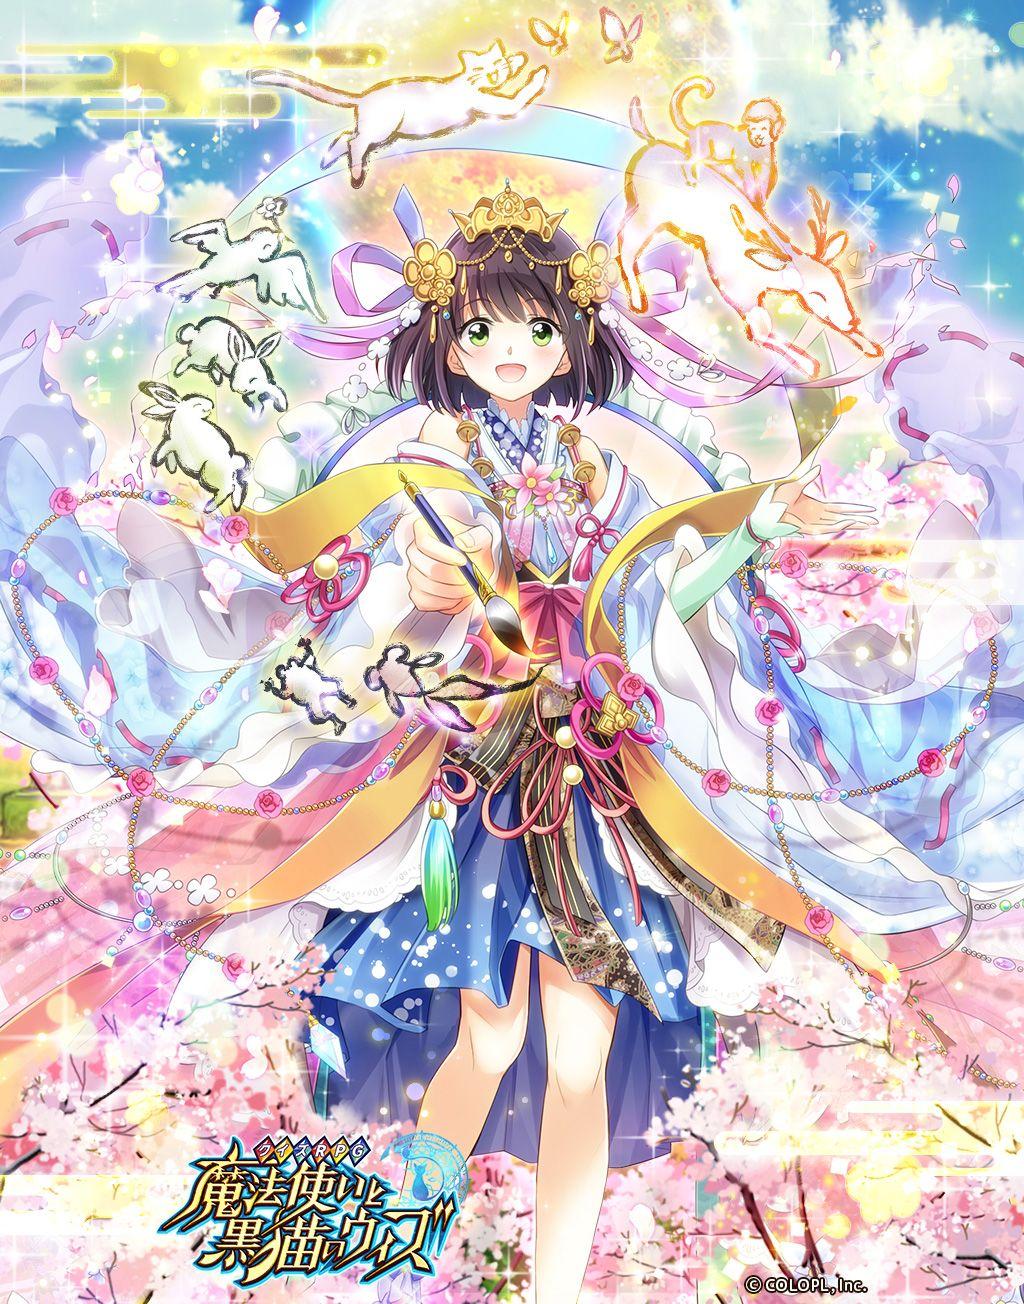 最高の壁紙 最も検索された Iphone6 壁紙 かわいい Anime Phim